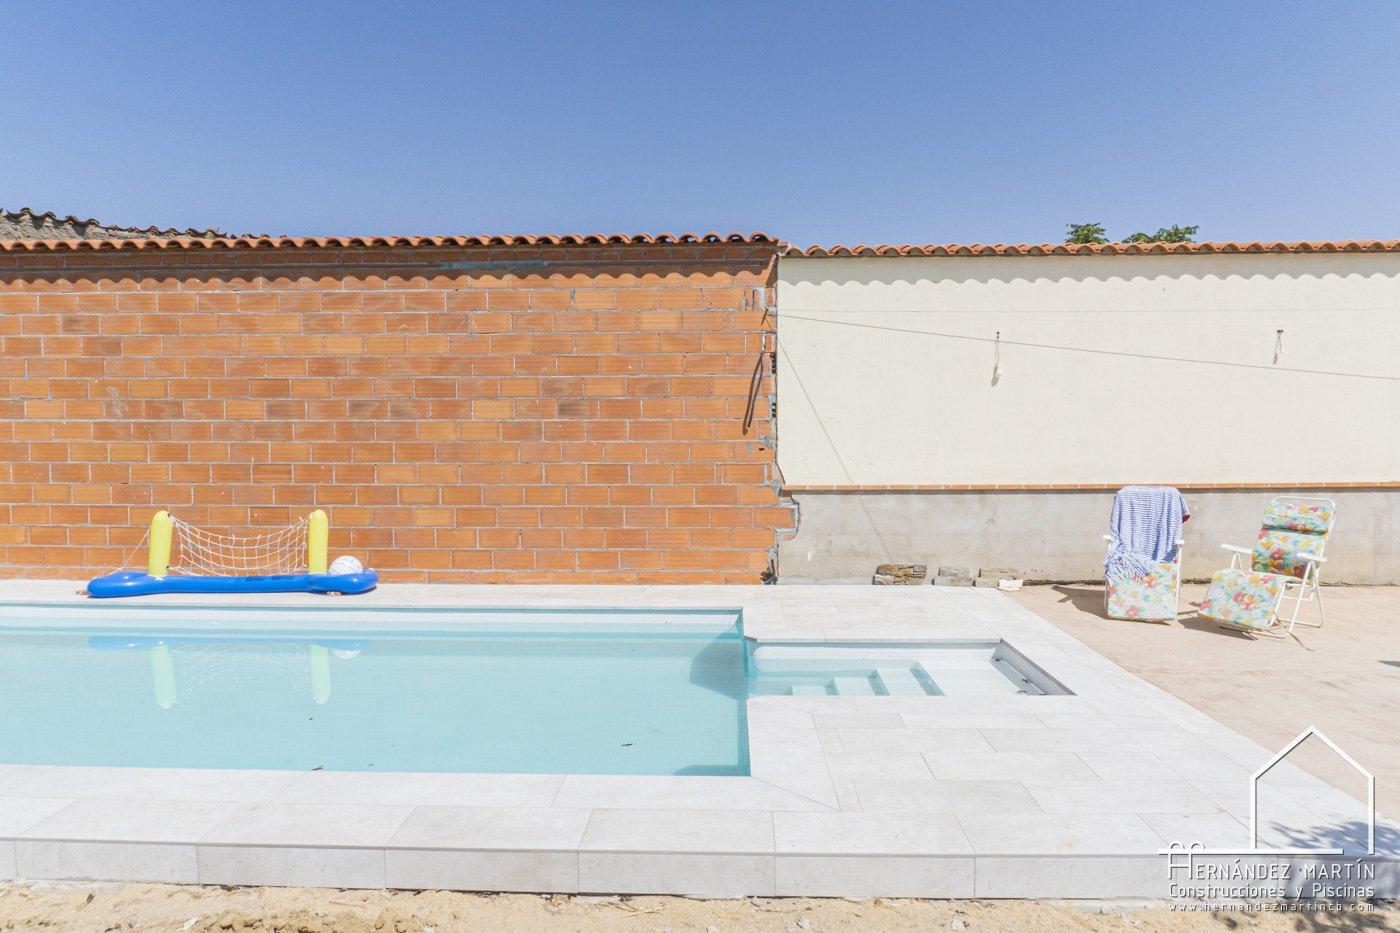 hernandez martin construcciones y piscinas experiencia obra piscina zamora salamanca valladolid blanca